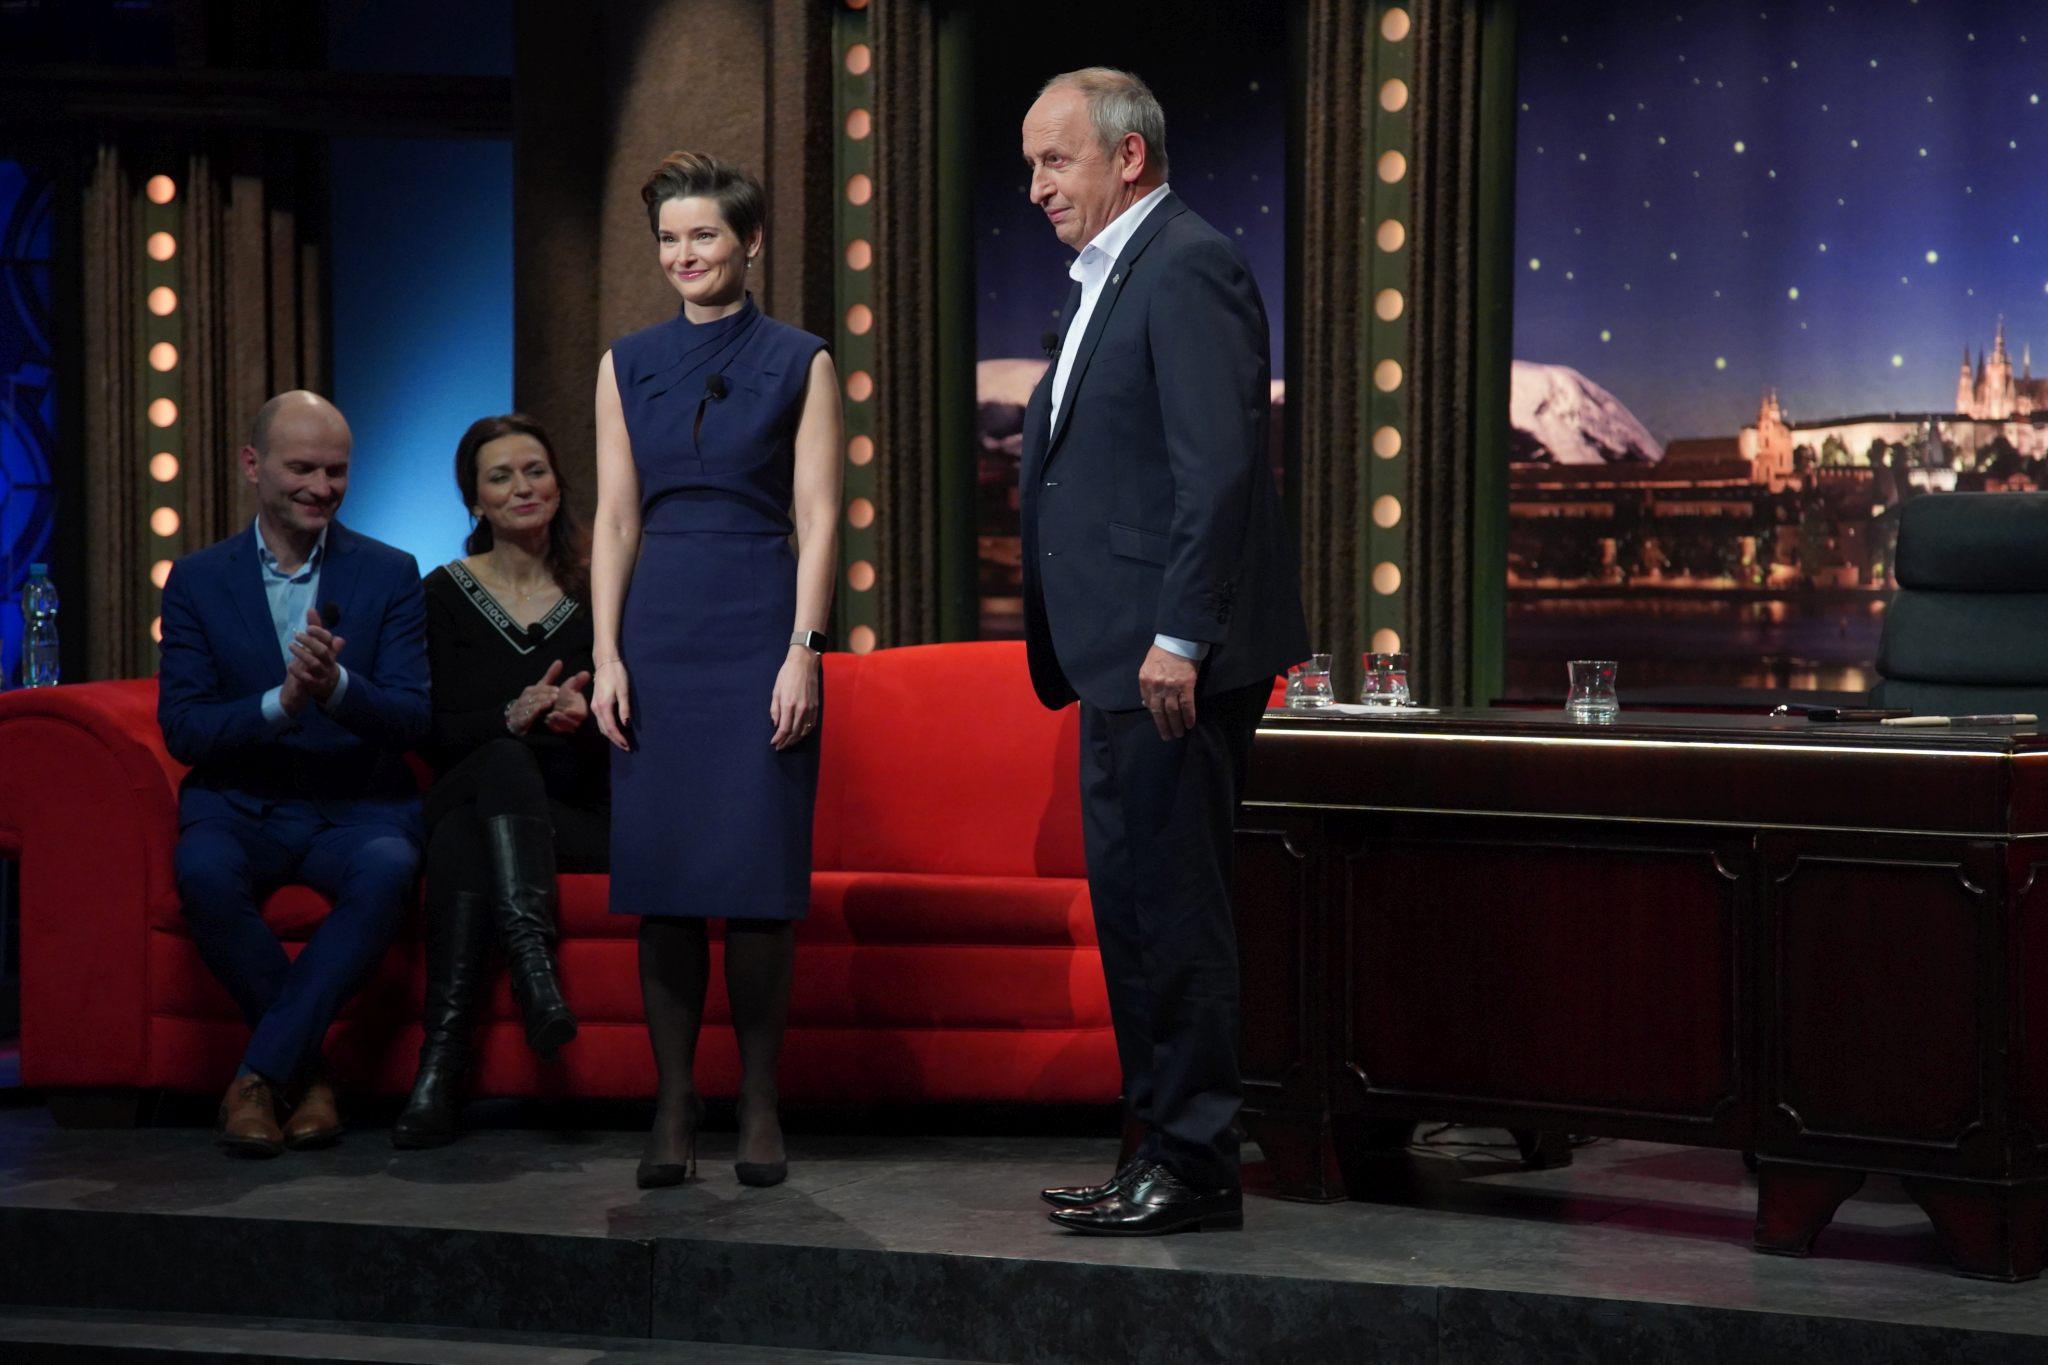 Martina Viktorie Kopecká v Show Jana Krause 13. 1. 2021; v pozadí sedící Adéla a Dalibor Gondíkovi